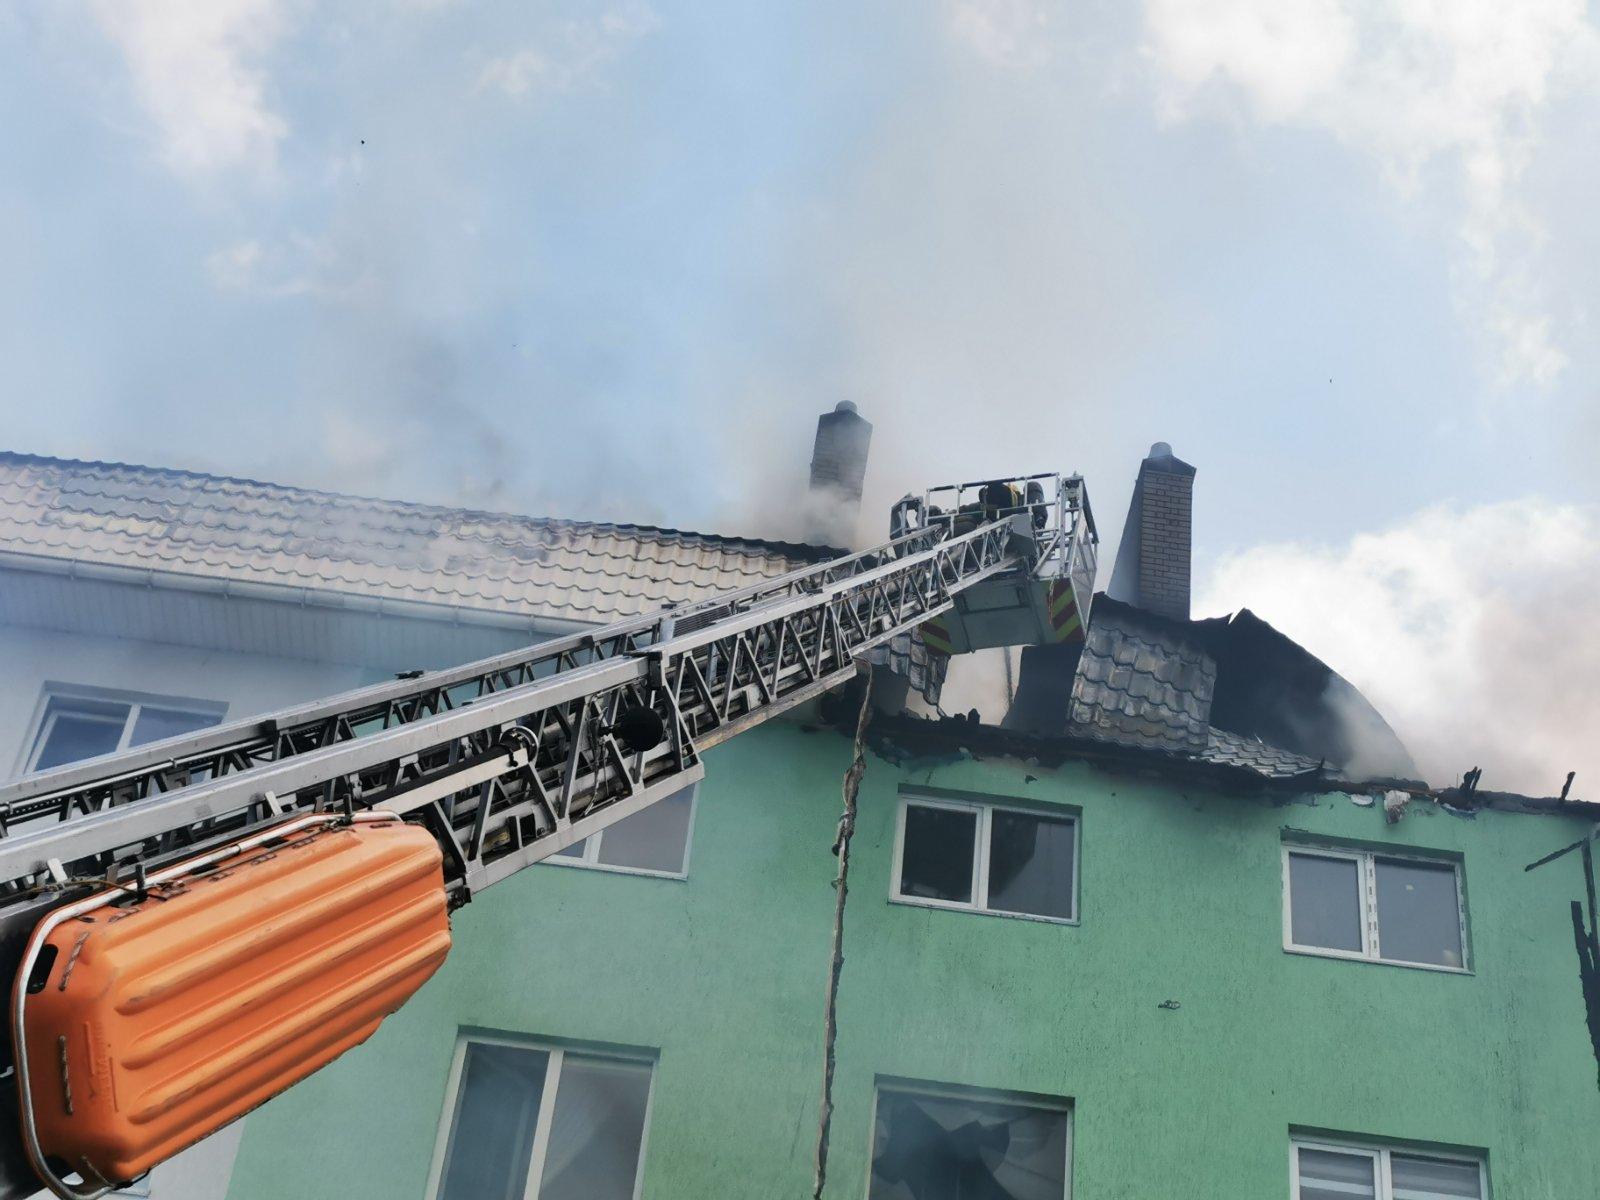 Під Києвом у багатоповерхівці прогримів вибух: постраждали 8 людей, є загиблі